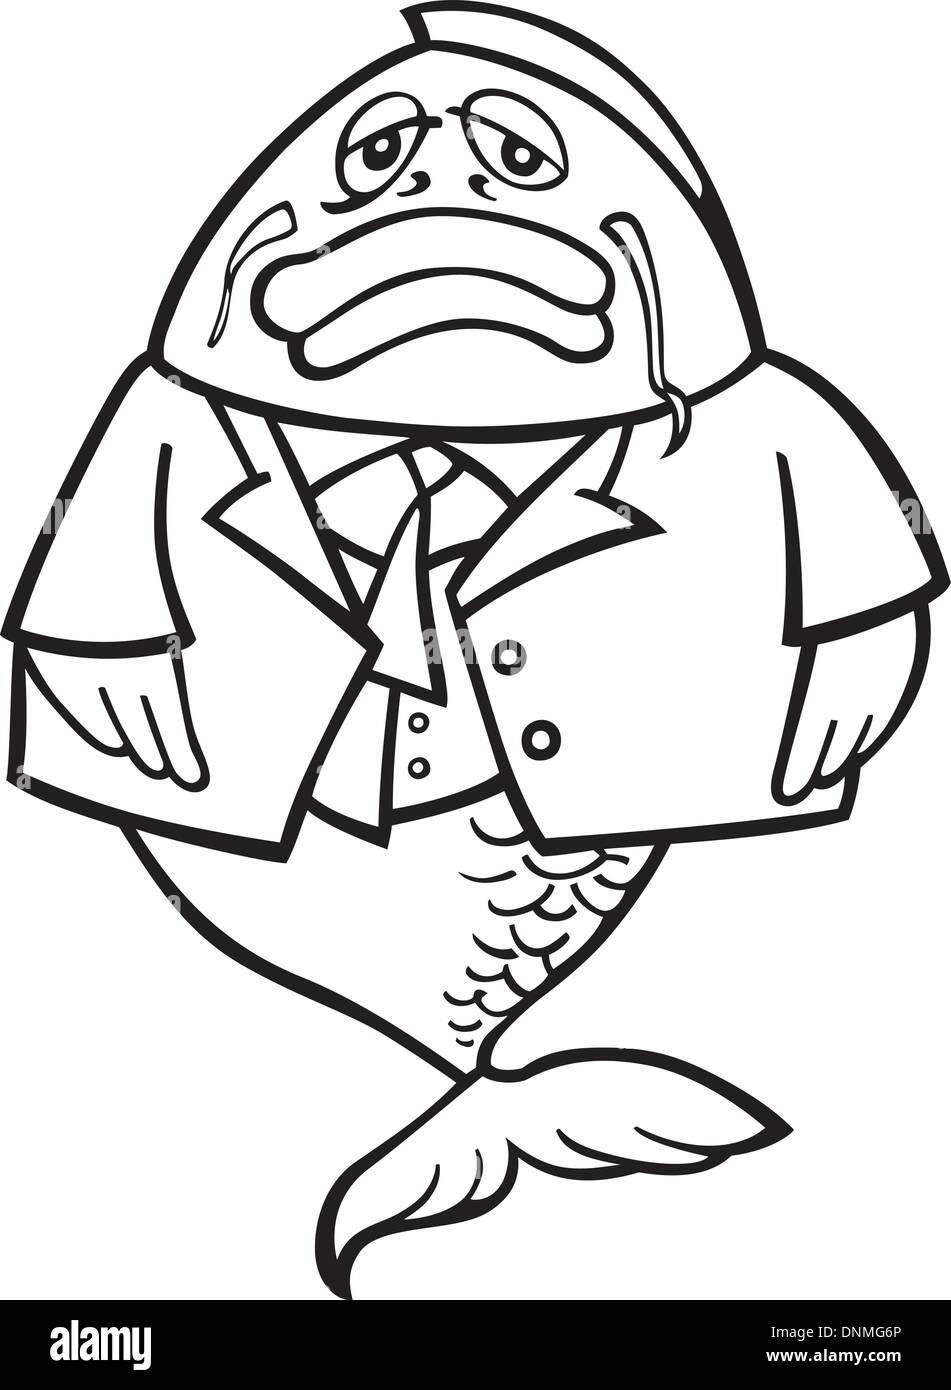 Ausgezeichnet Meine Großen Weißen Hai Malvorlagen Zeitgenössisch ...